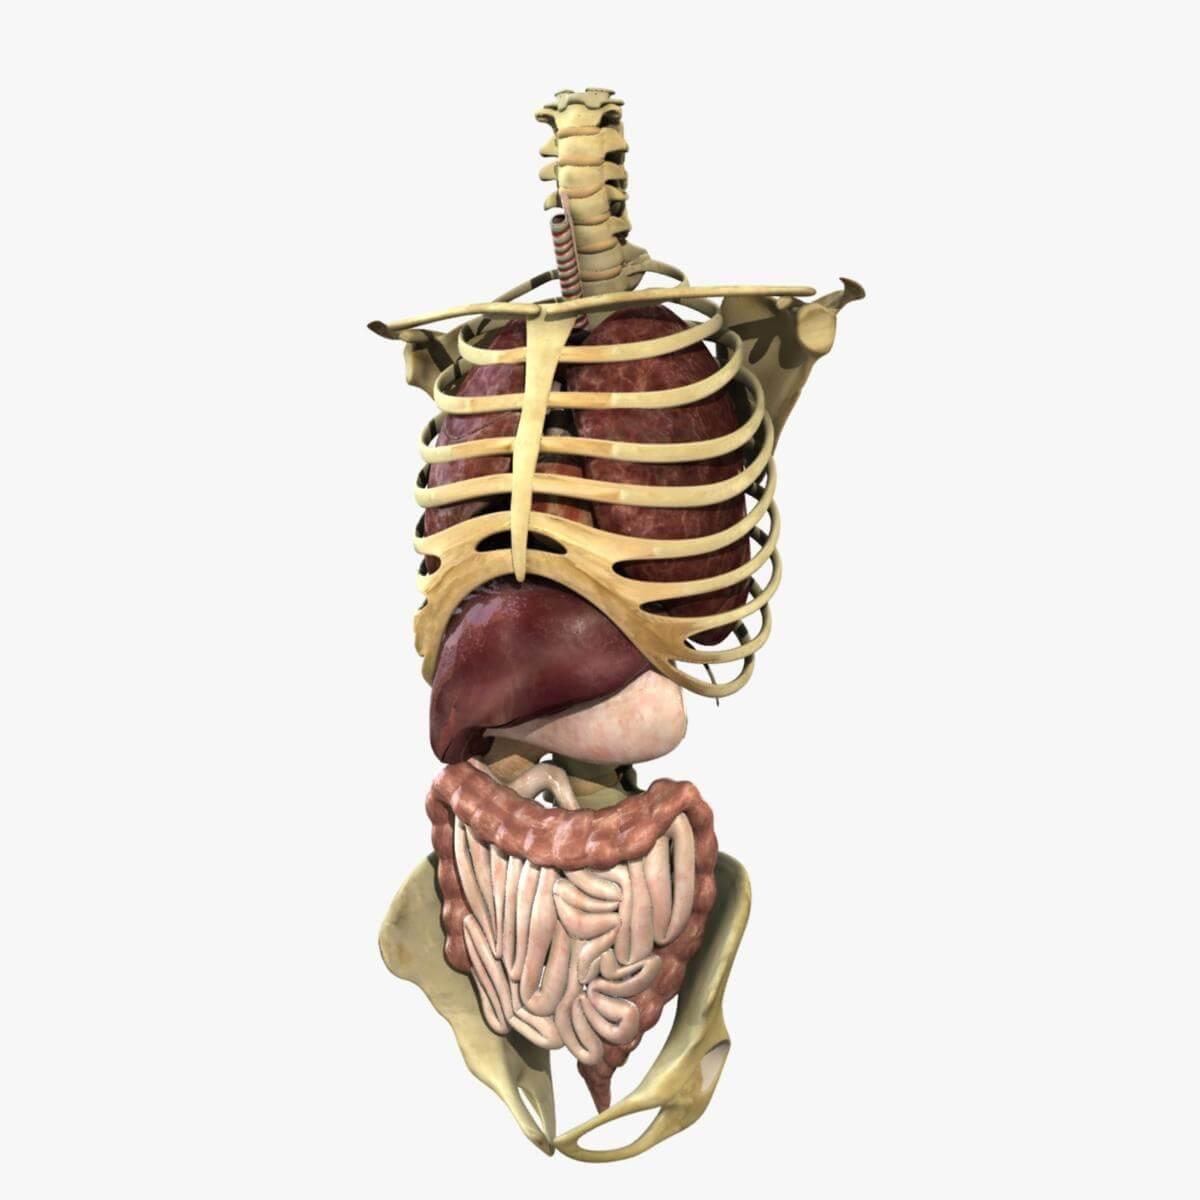 Human Torso Anatomy 3D Model